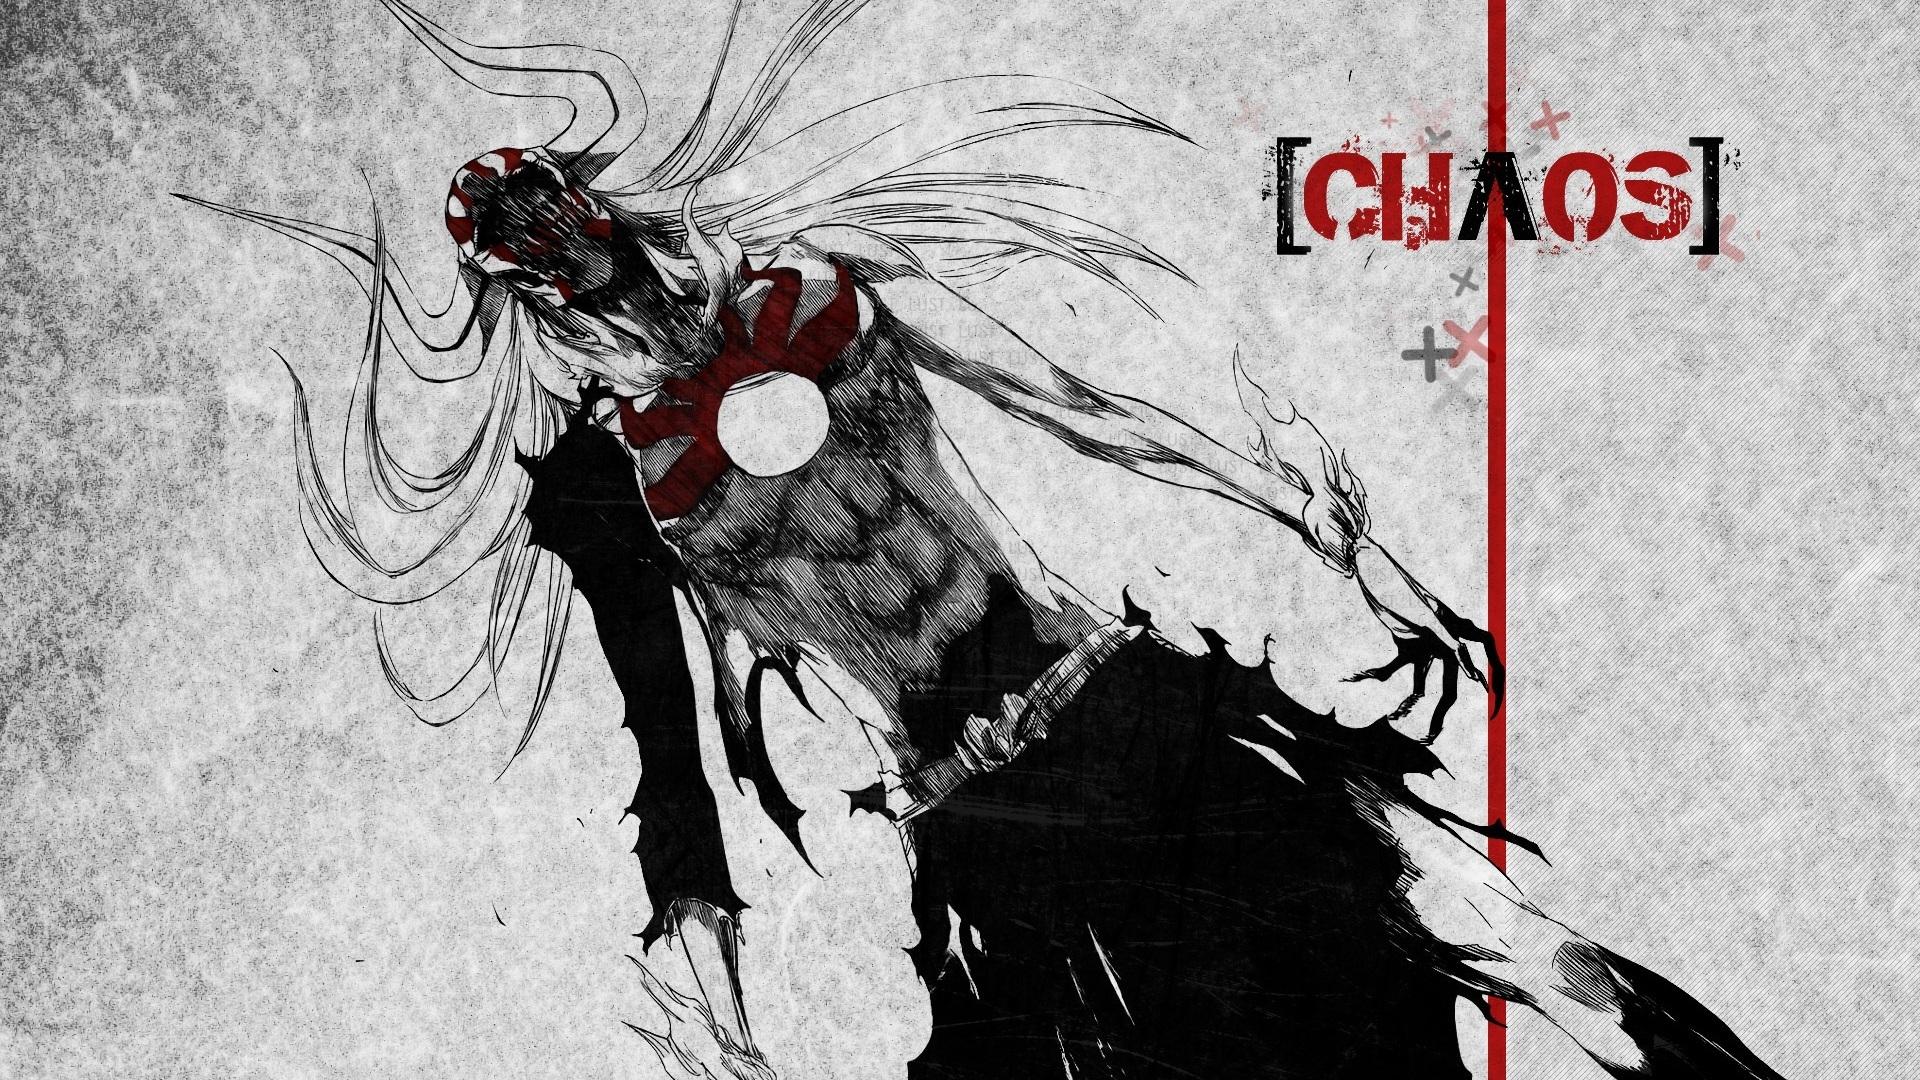 Chaos]   Hollow Ichigo Wallpaper 20095021 1920x1080